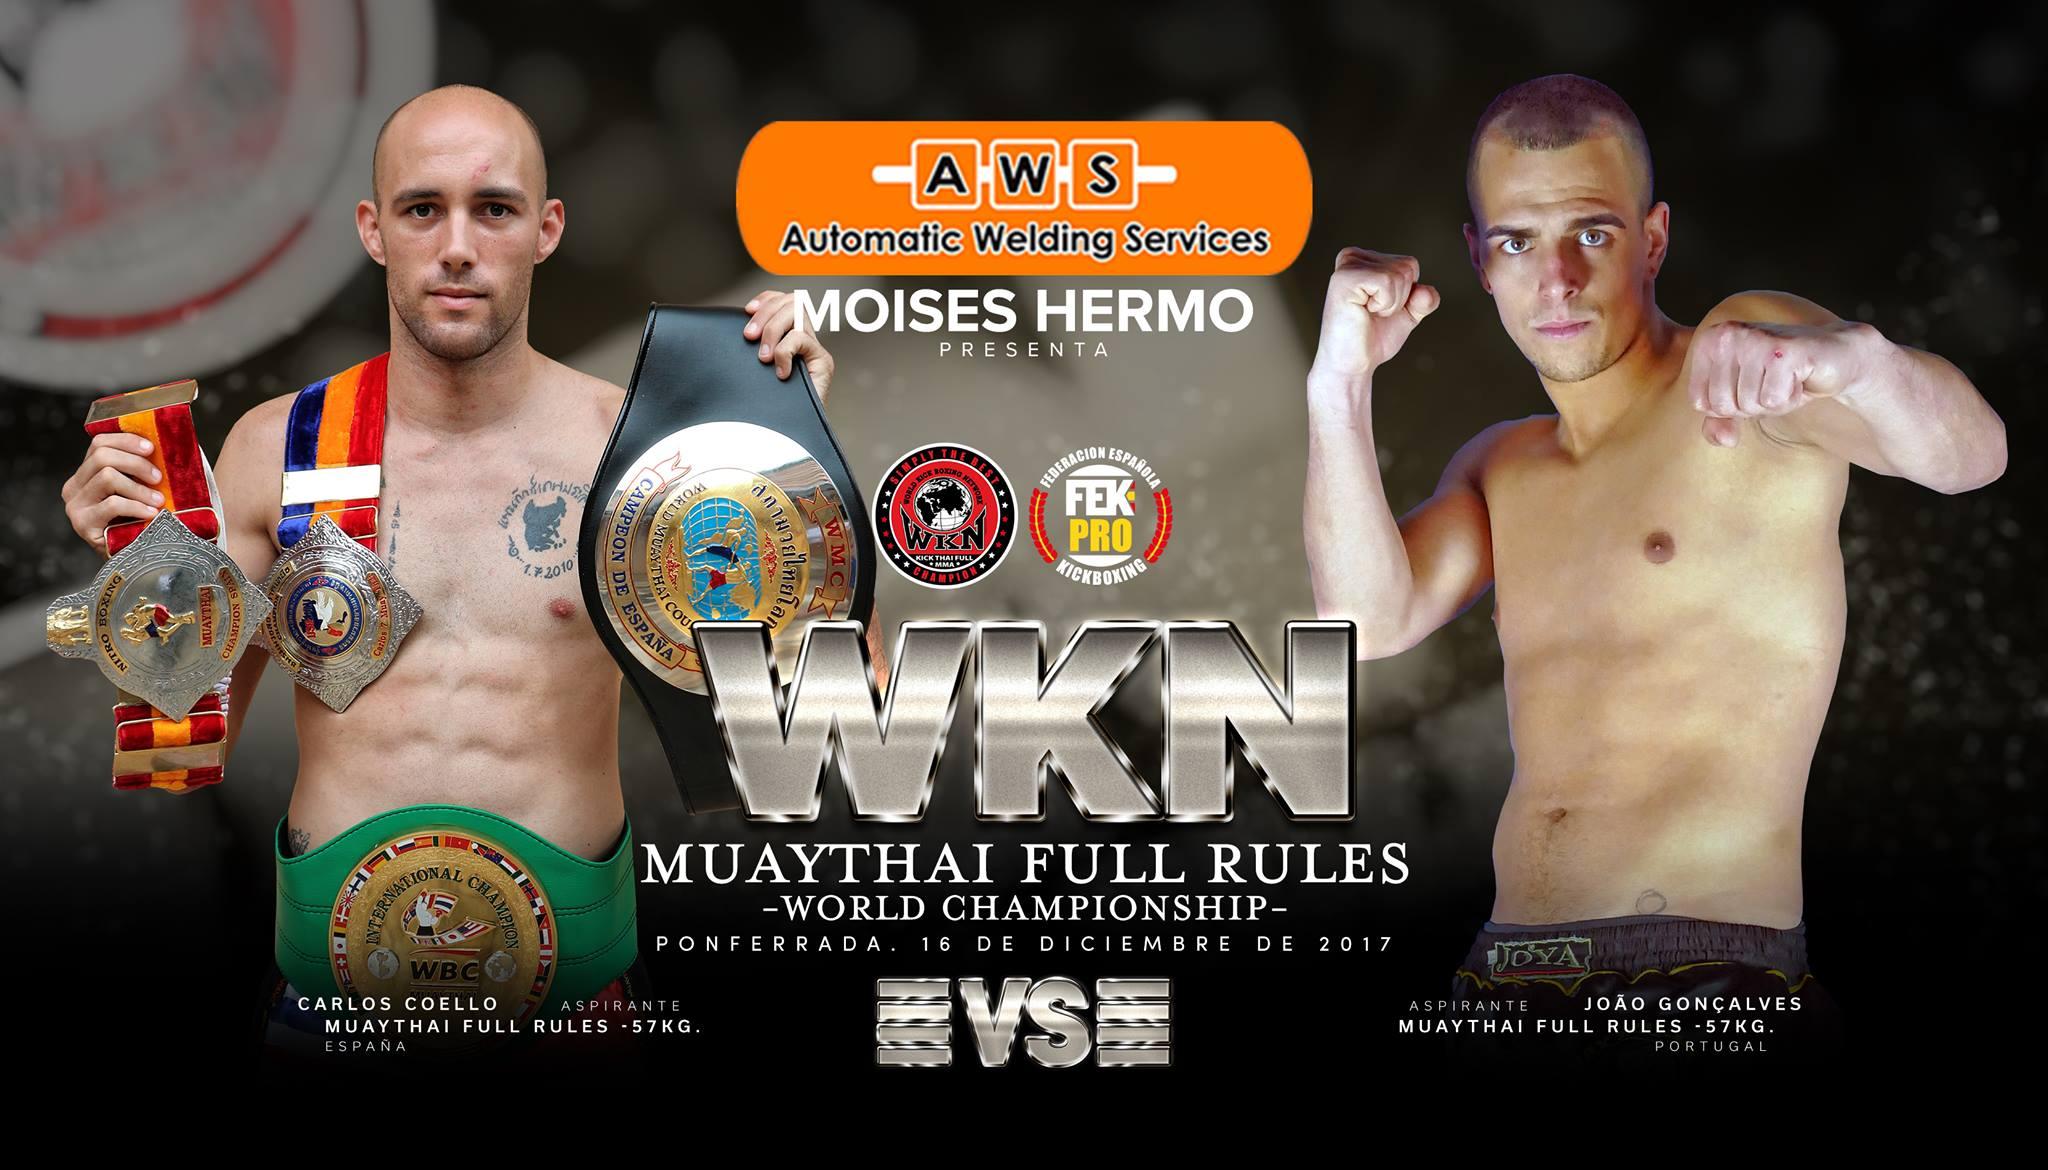 Ponferrada se convertirá en el corazón de las artes marciales: K1 & MuayThai World Championship -16 De Diciembre- Ponferrada 1